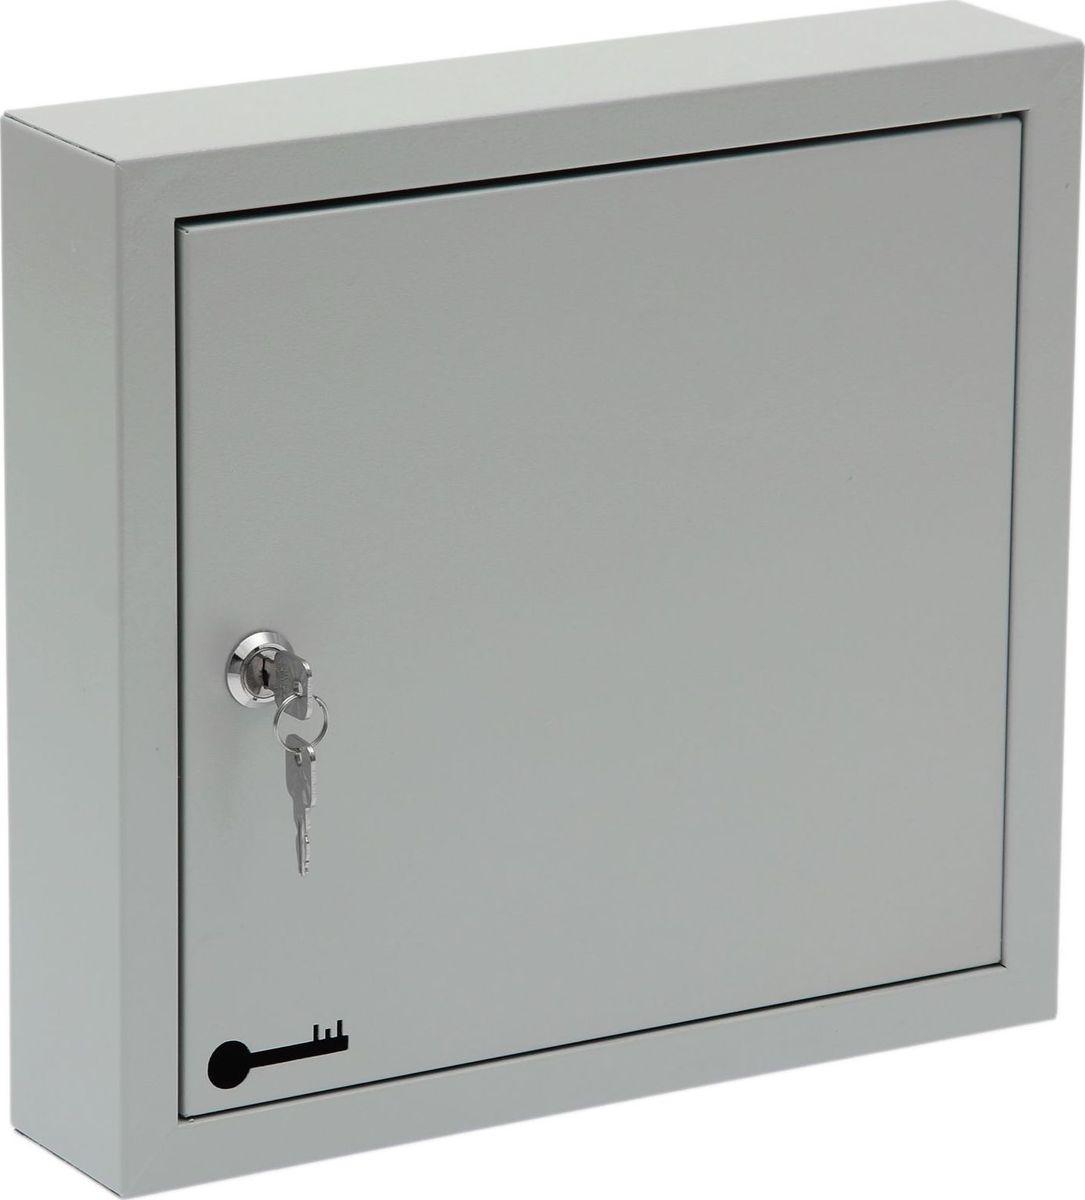 Ключница настенная ОТК, 38 крючков, 31 х 33 х 7 см1723840Ключница ОТК станет полезным и очень красивым приобретением для вашего дома. Прикрепите ее на удобное место в прихожей, и ваши ключи всегда будут под рукой. Корпус и дверца выполнены из металла и закрываются на замок. Внутри имеются стальные крючки, которые, в отличие от пластмассовых, не подвержены деформации.Преимущества:- прочная стальная конструкция;- предусмотрено крепление к стене;- встроенный замок с ключом входит в комплект;- порошковое полимерное покрытие;- оптимальное соотношение цены и качества. Ключница содержит: 38 крючков (без бирок).